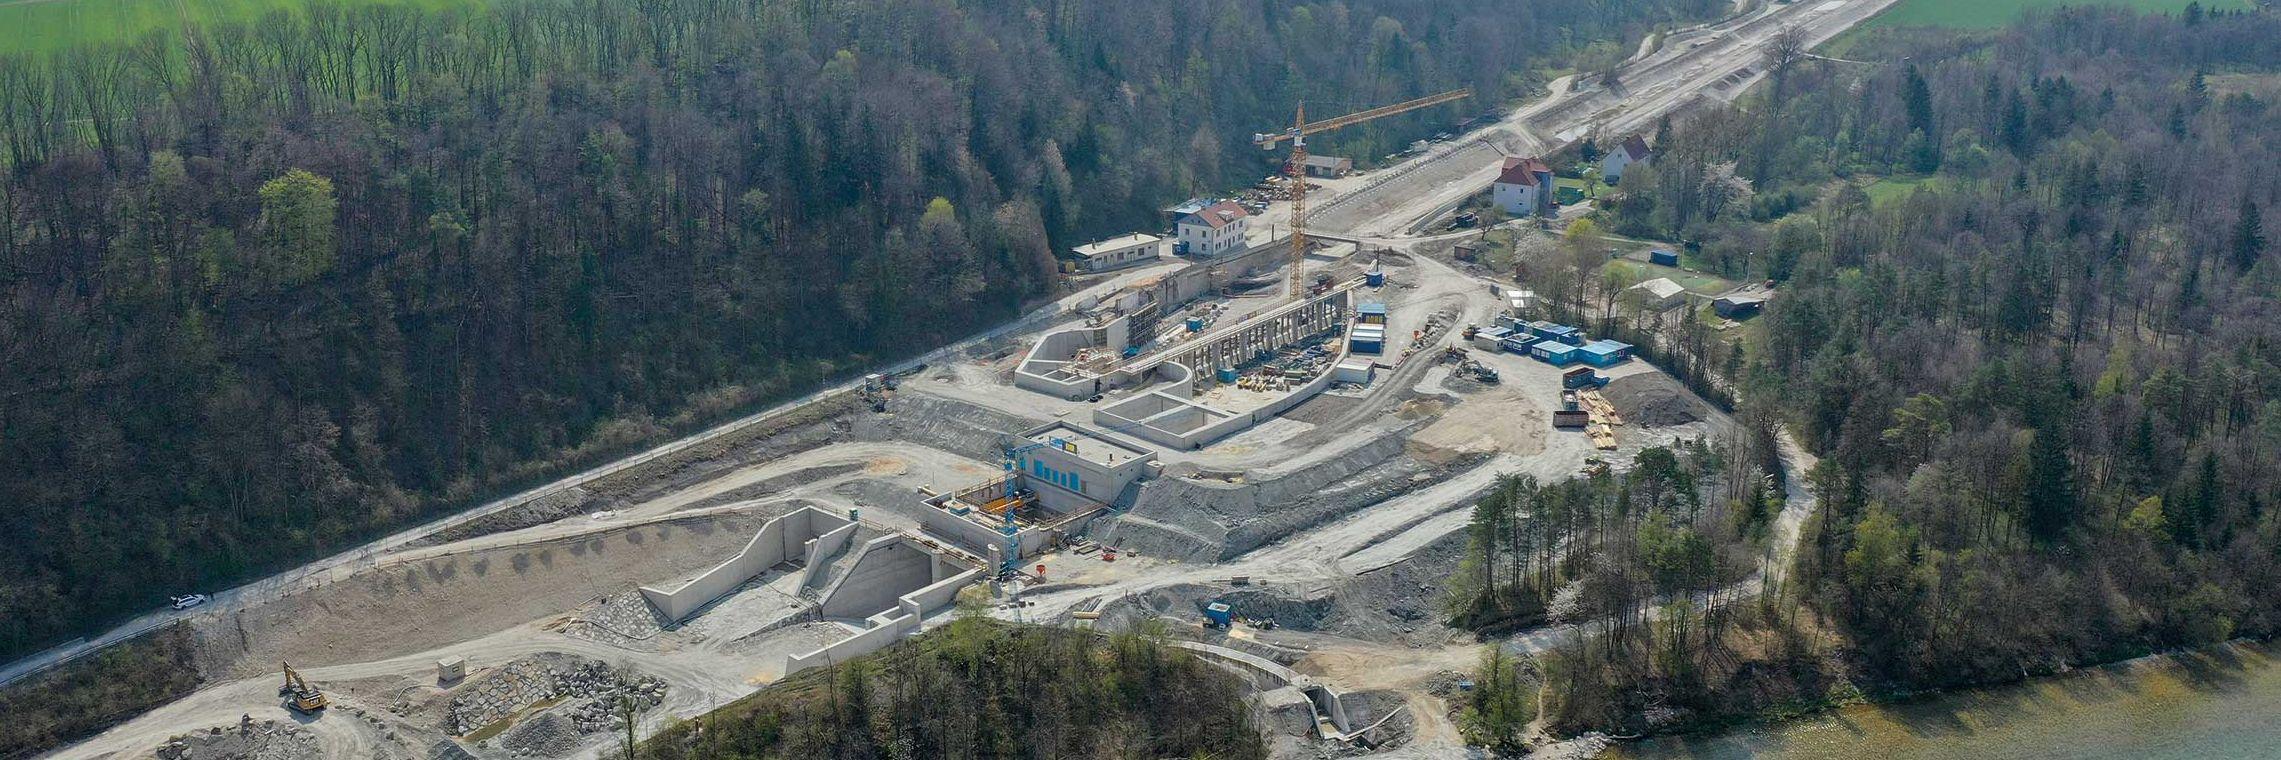 Kraftwerk an der Traun errichtet Slider